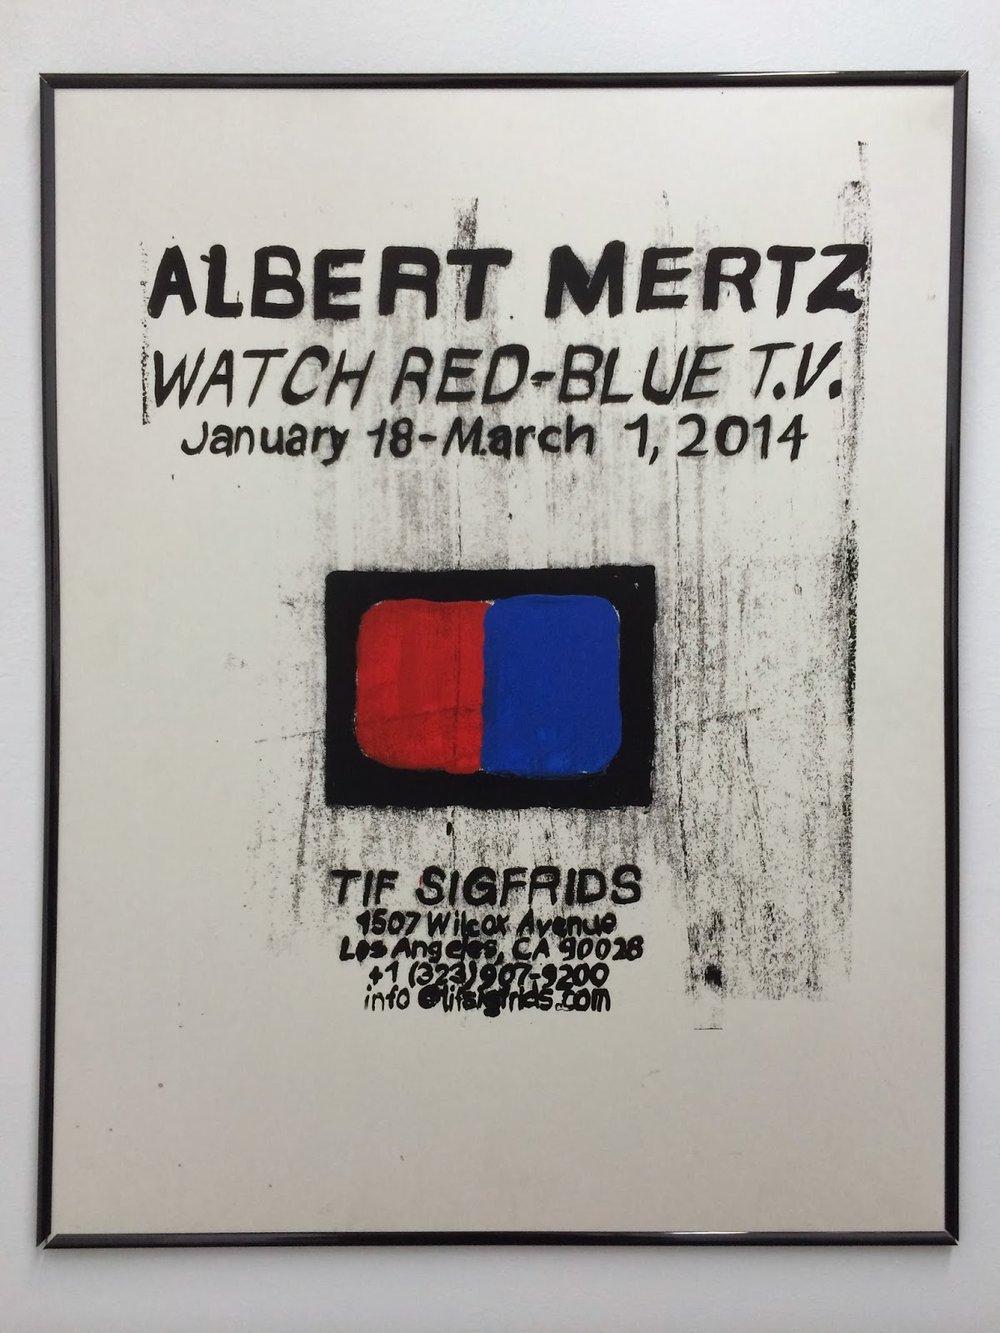 Albert Mertz - Watch Red-Blue T.V.